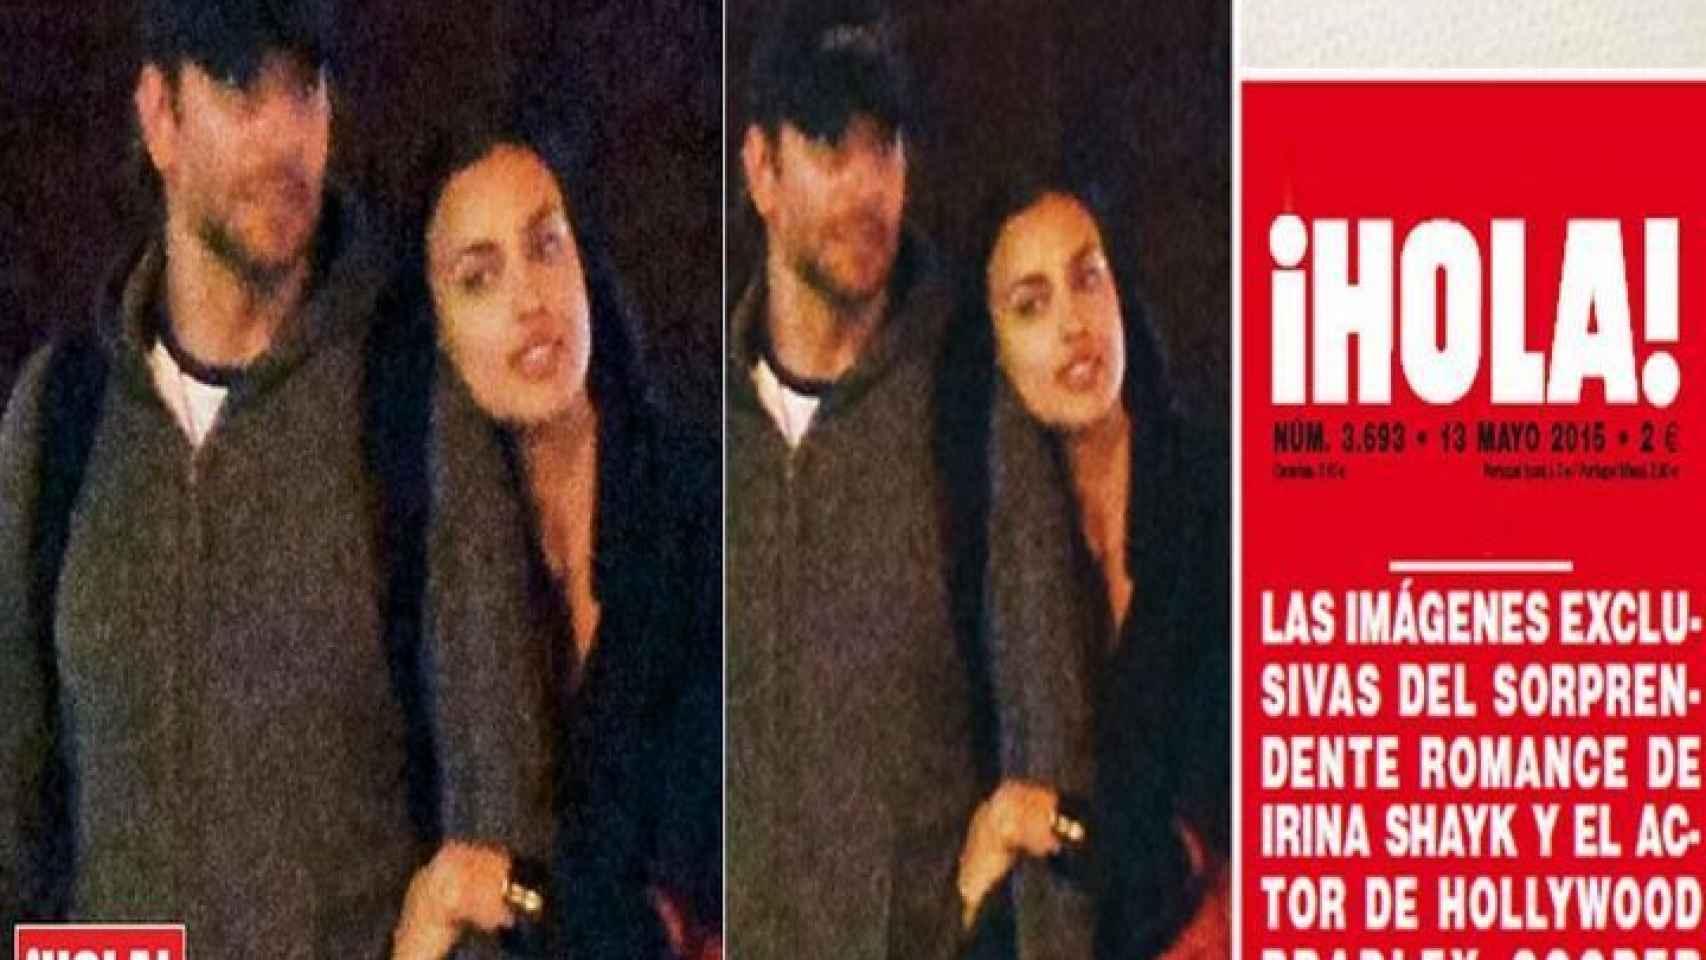 Portada de la revista que confirmaba el romance  entre el actor y la modelo